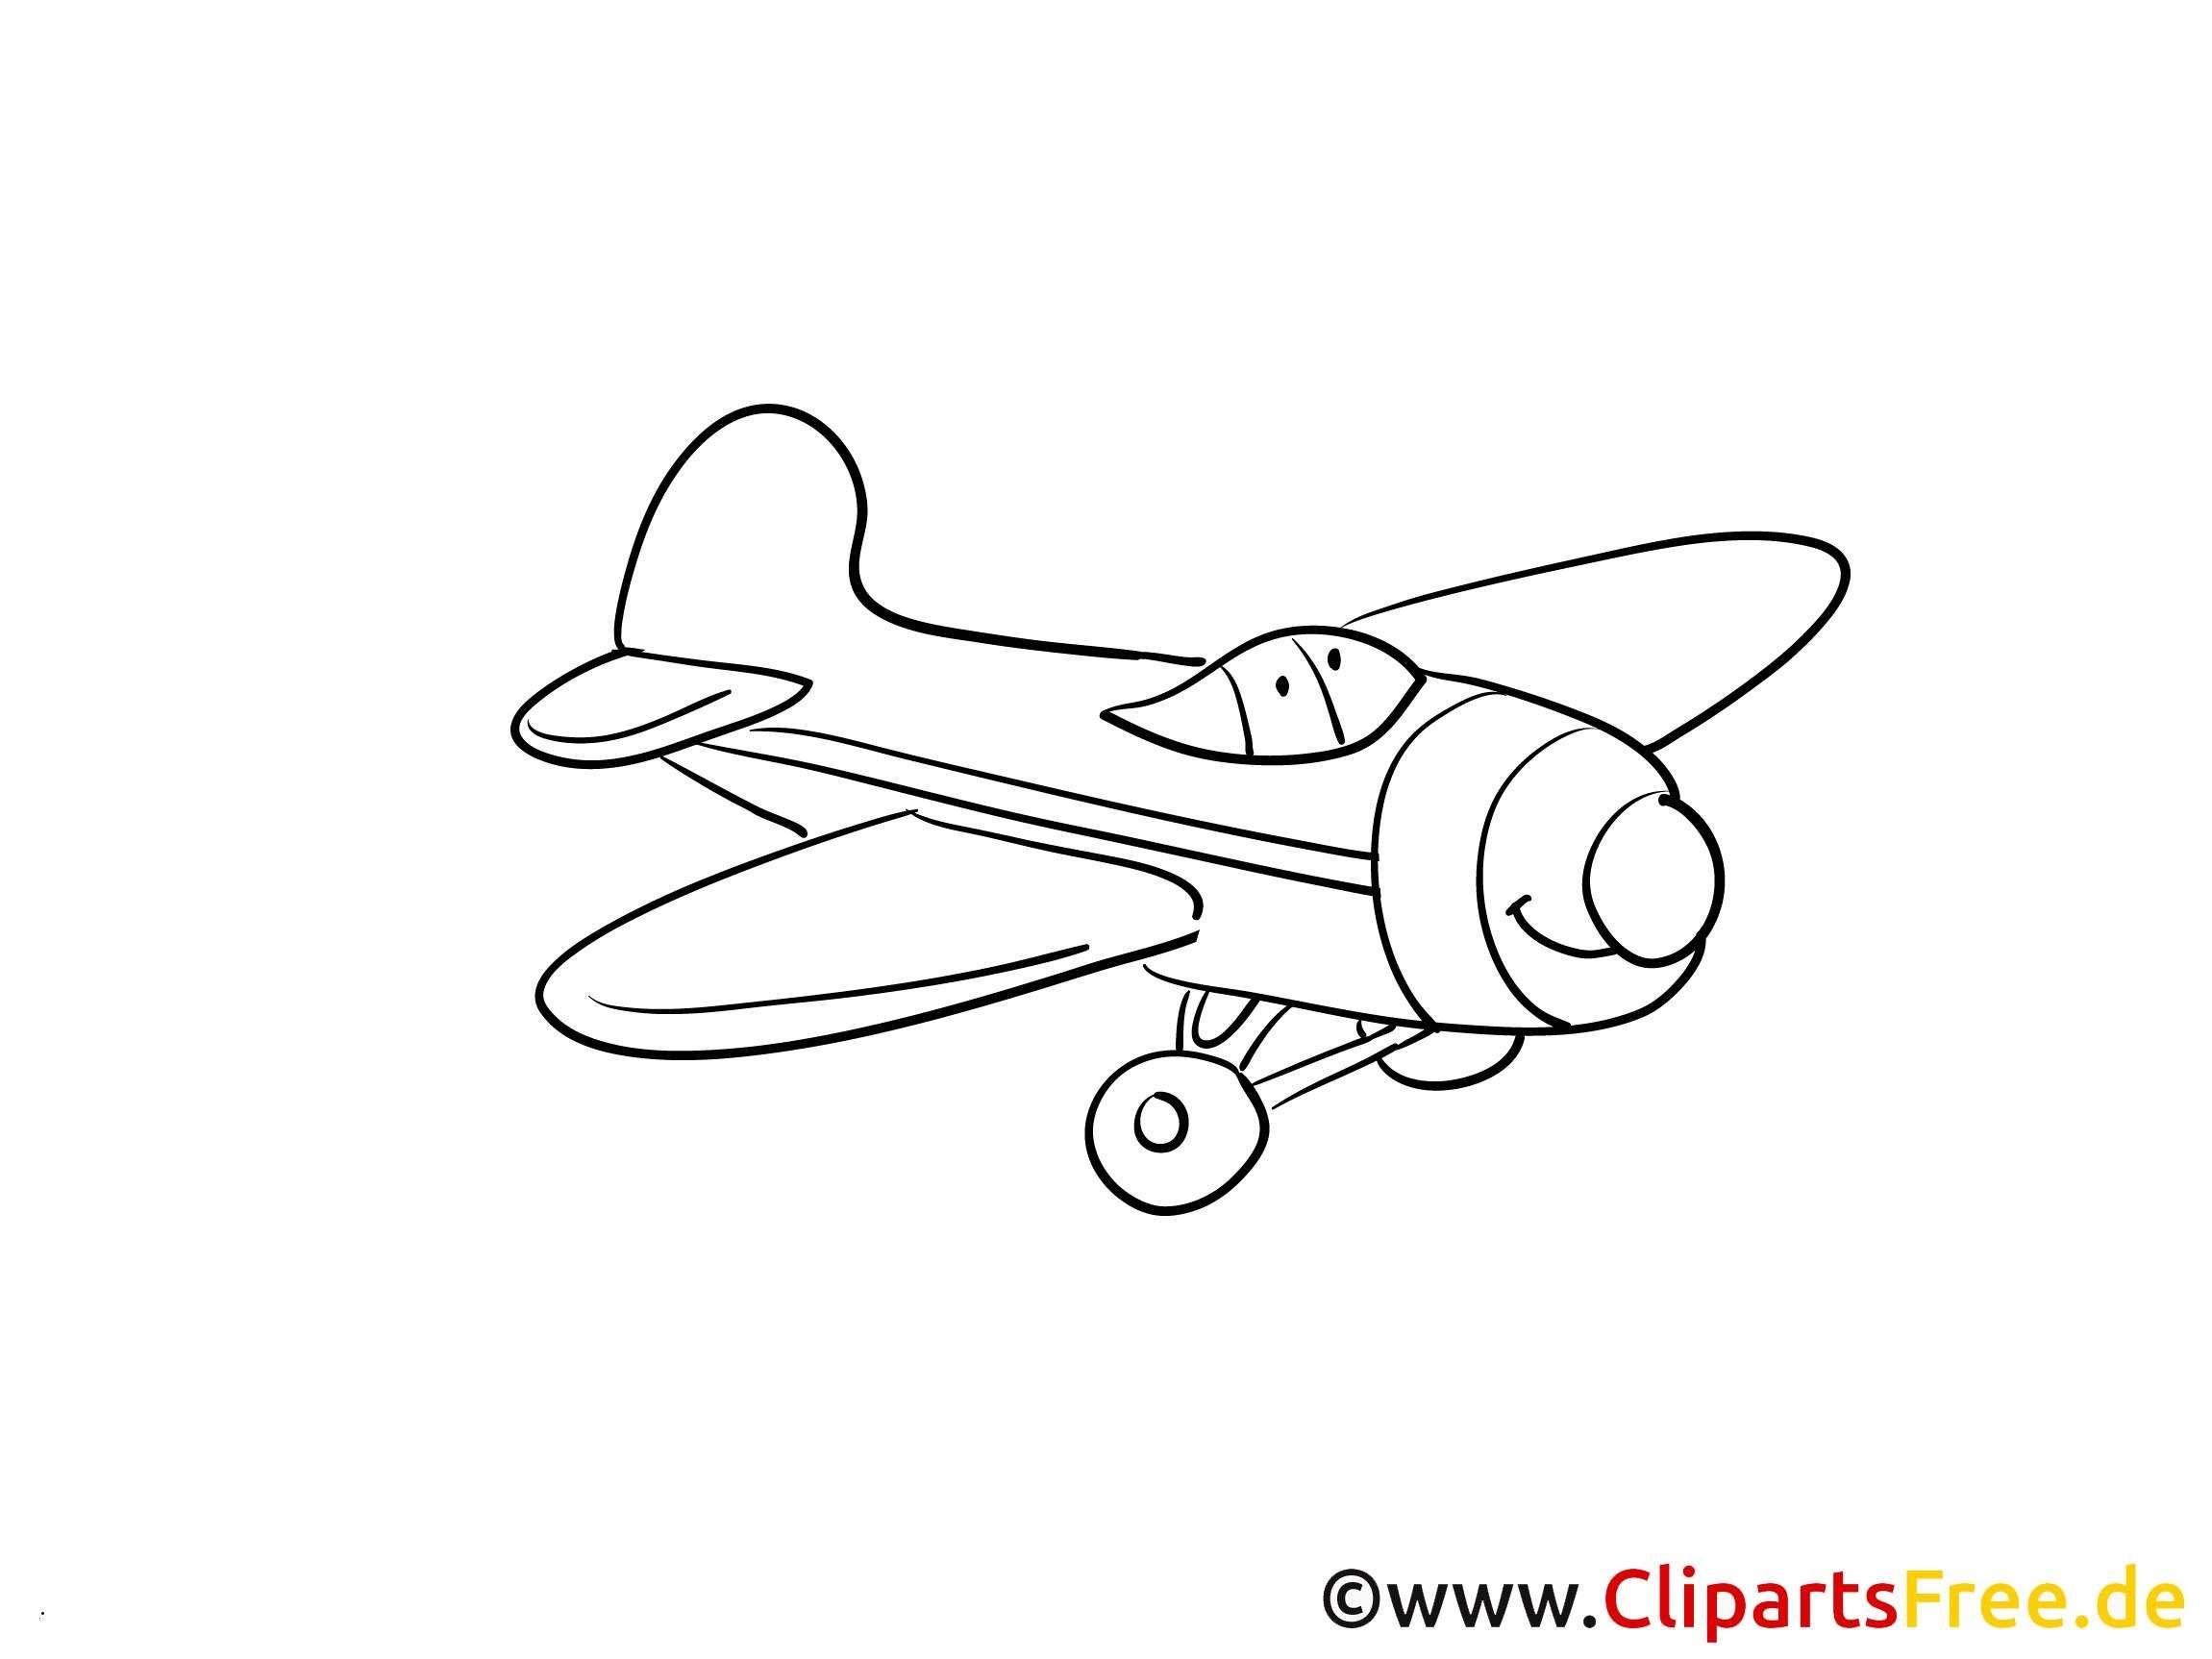 55 Elegant Ausmalbilder Flugzeuge Zum Ausdrucken Ausmalbilder